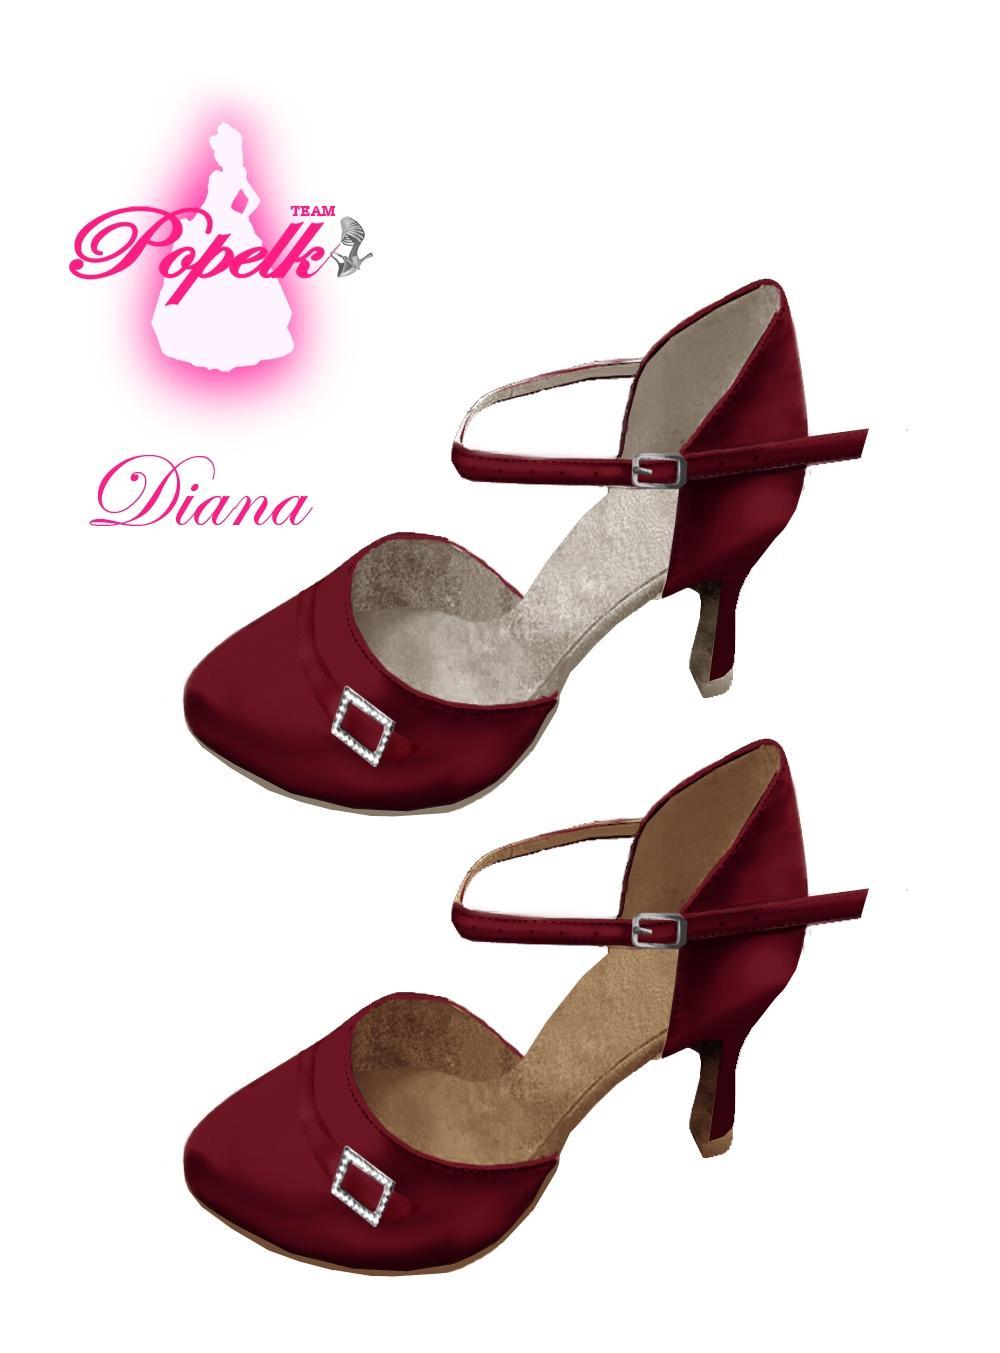 Svadobné topánky s úpravou na želanie - inšpirácie bordó, hnědá, čokoládová - Obrázok č. 16